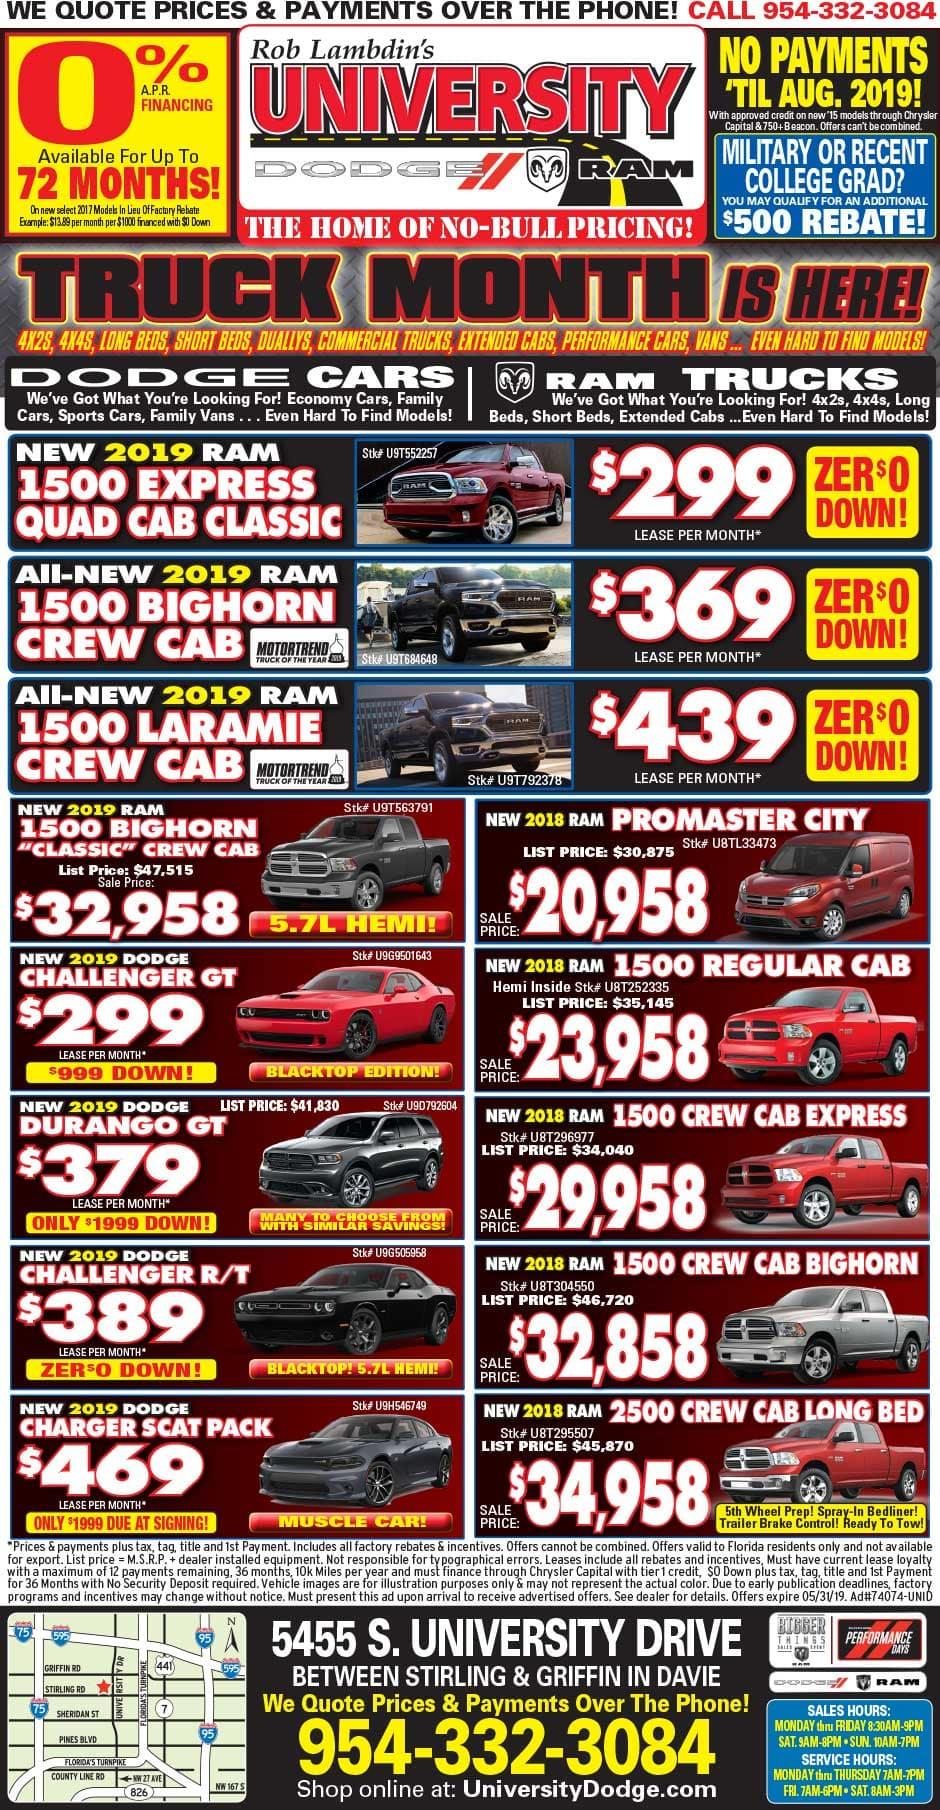 University Dodge RAM - Weekly Specials!